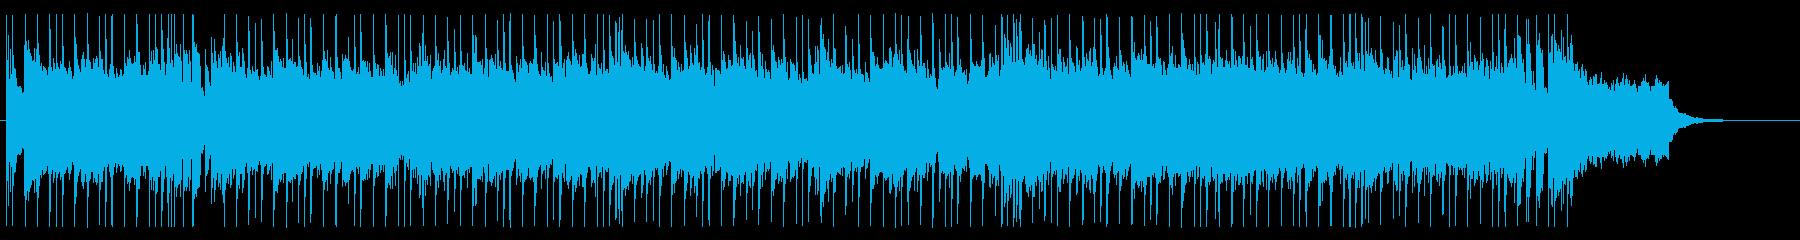 恋を予感させる爽やかなポップス系BGMの再生済みの波形